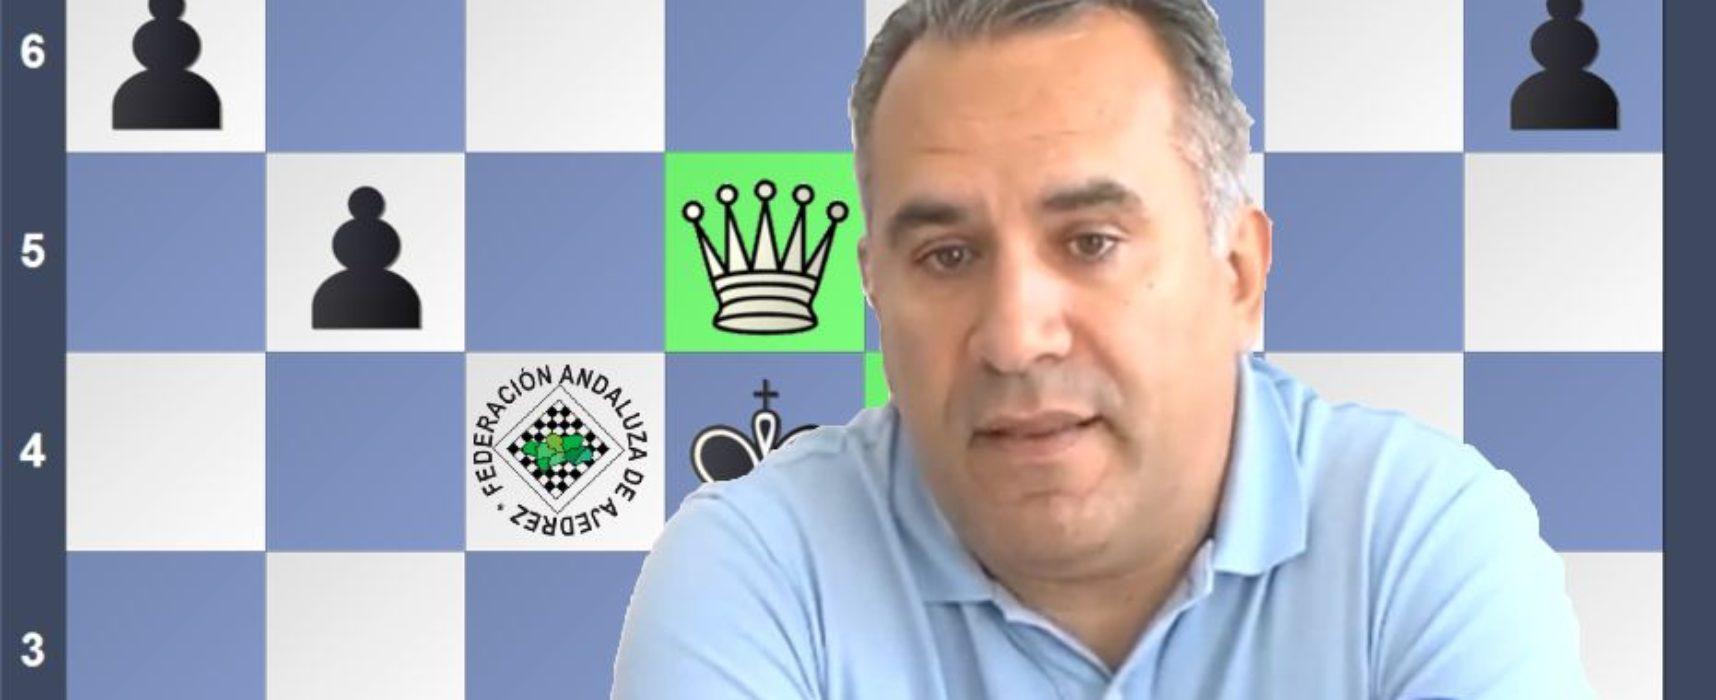 """Javier Rubio, presidente de la FADA: """"Apoyaremos todo lo posible a la cantera y al ajedrez femenino"""""""